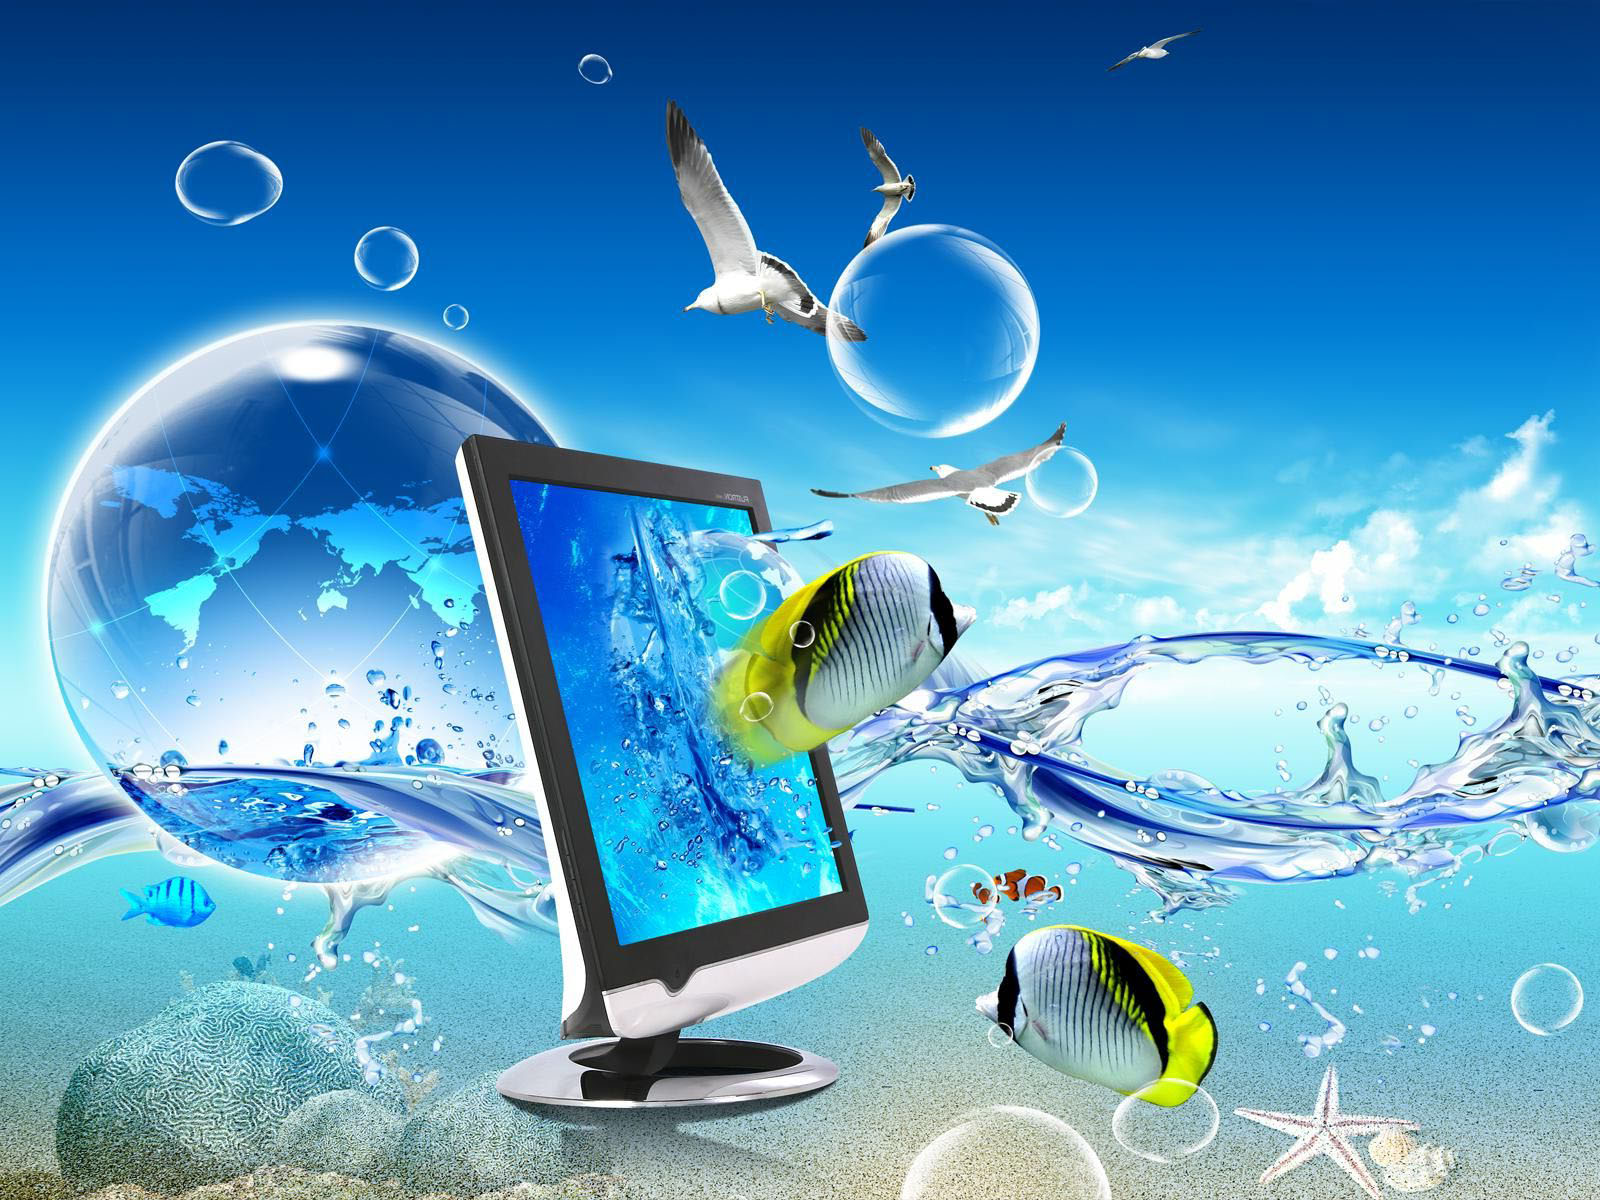 Best Desktop HD Wallpaper